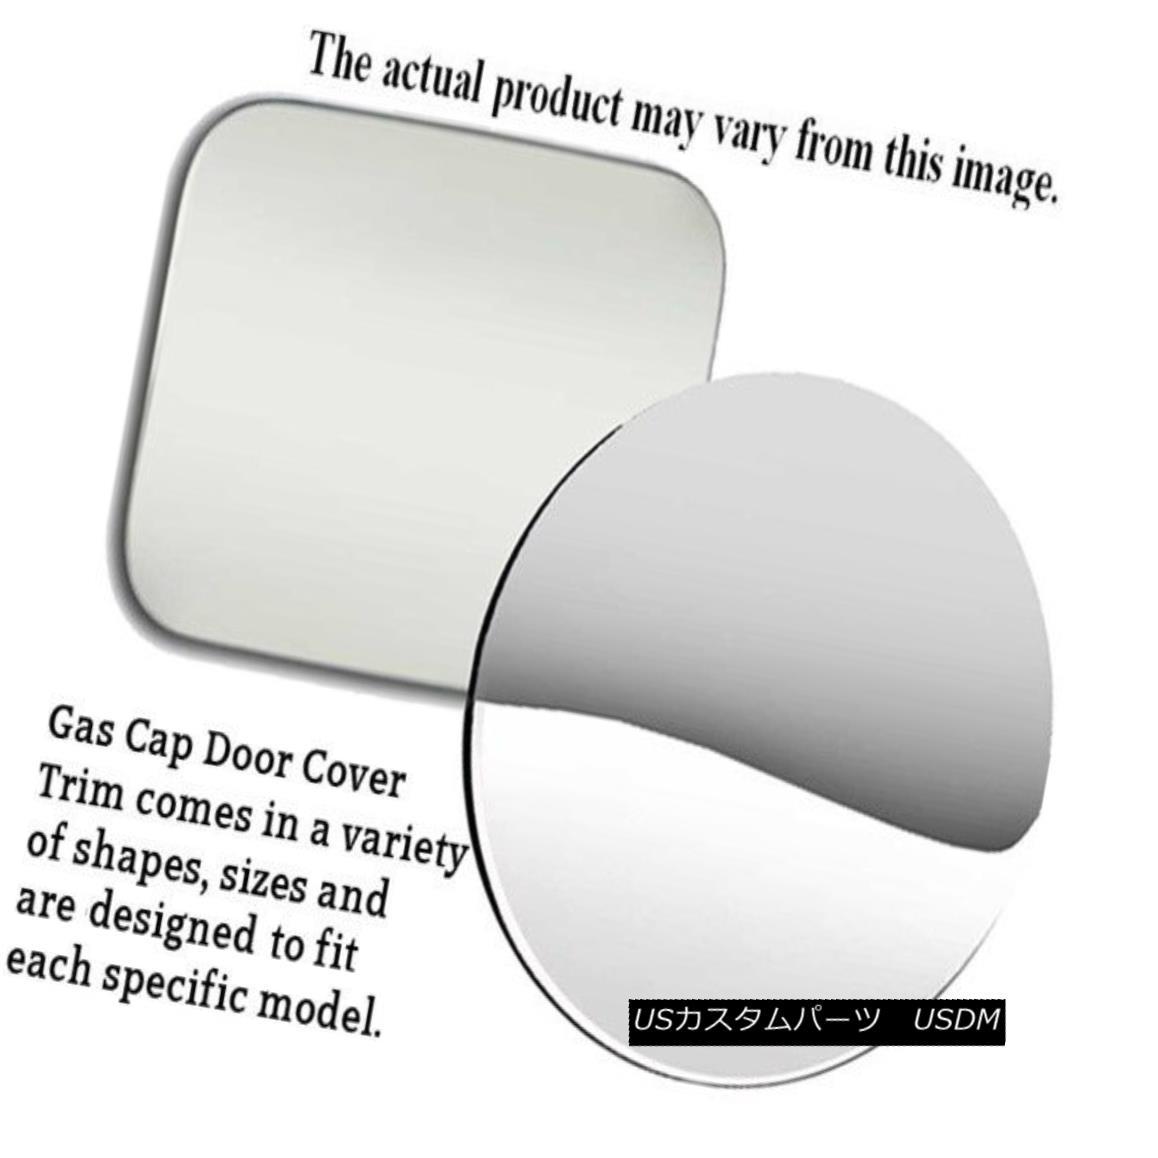 グリル Fits 2014-2016 NISSAN ROGUE 4-door, SUV -Stainless Steel GAS CAP DOOR フィット2014-2016日産自動車の4ドア、SUV - ステンレススチールガスCAP DOOR